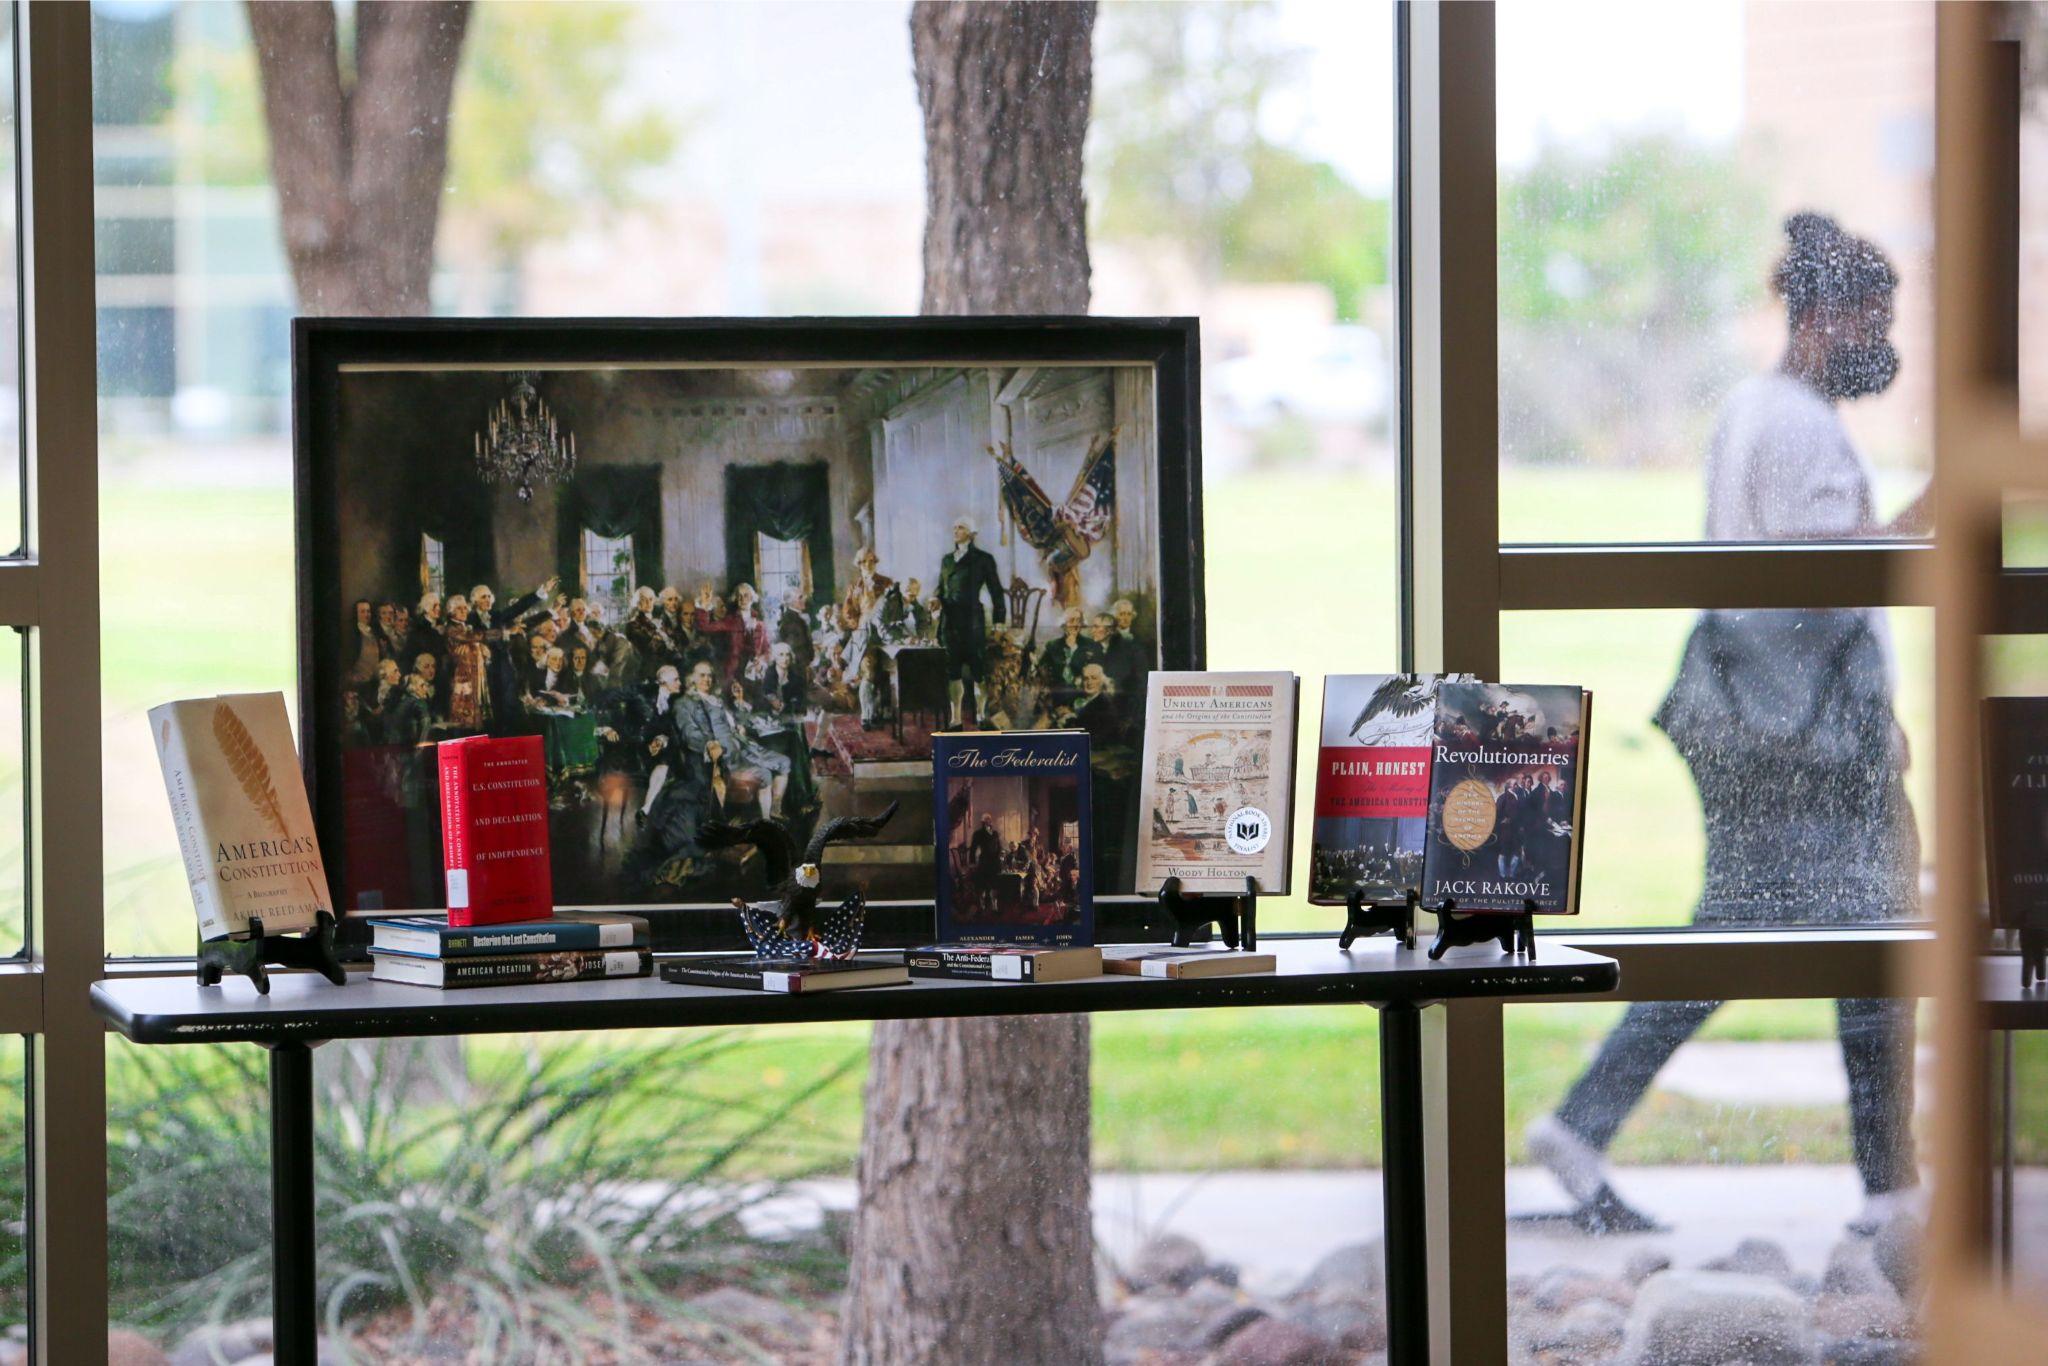 biblioteca-exhibición-constitución-us-2020-4.jpg